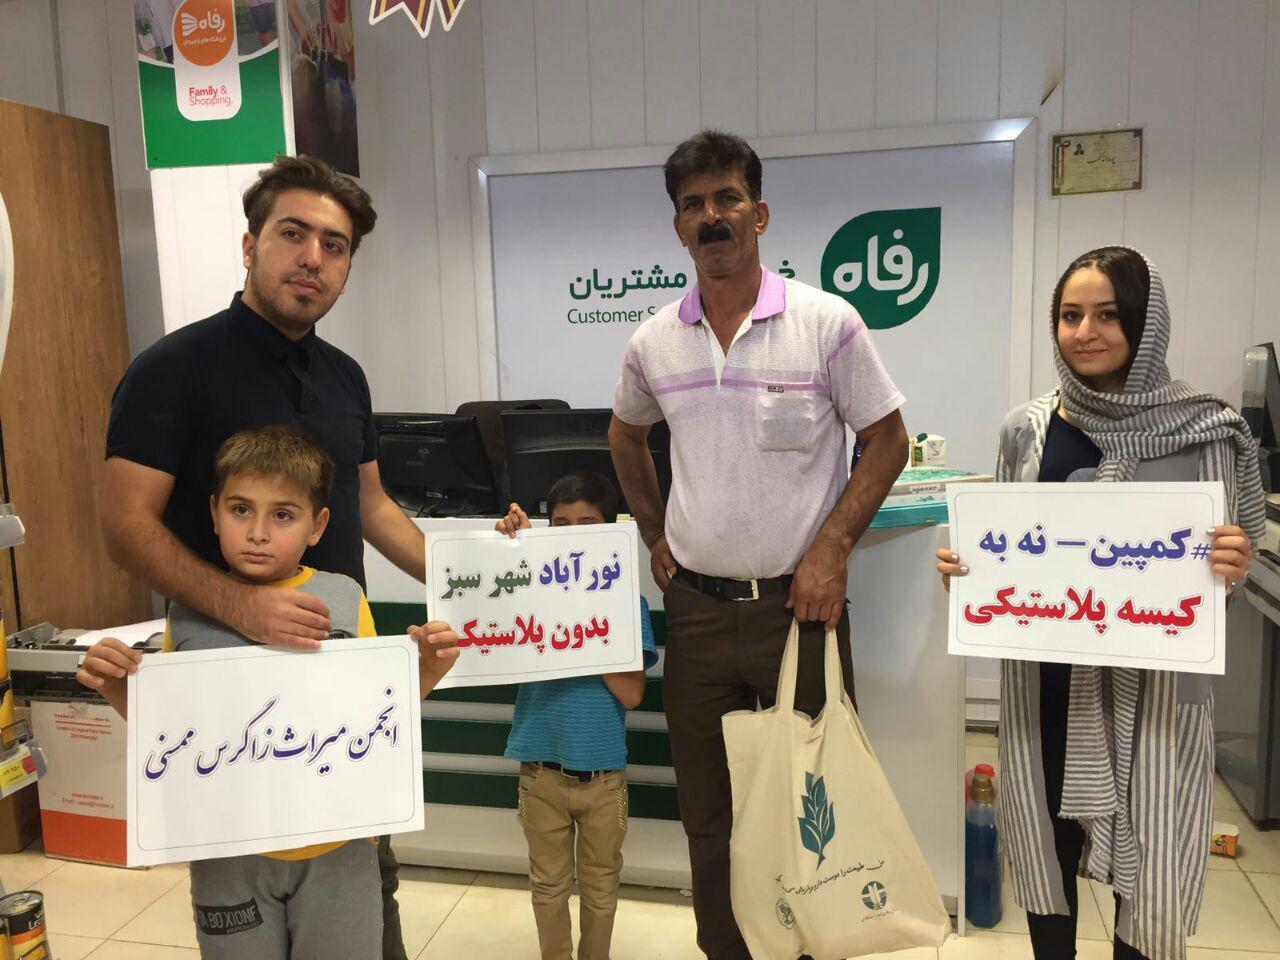 توزیع کیسه پارچهای در نورآباد فارس از سوی فعالان محیط زیست